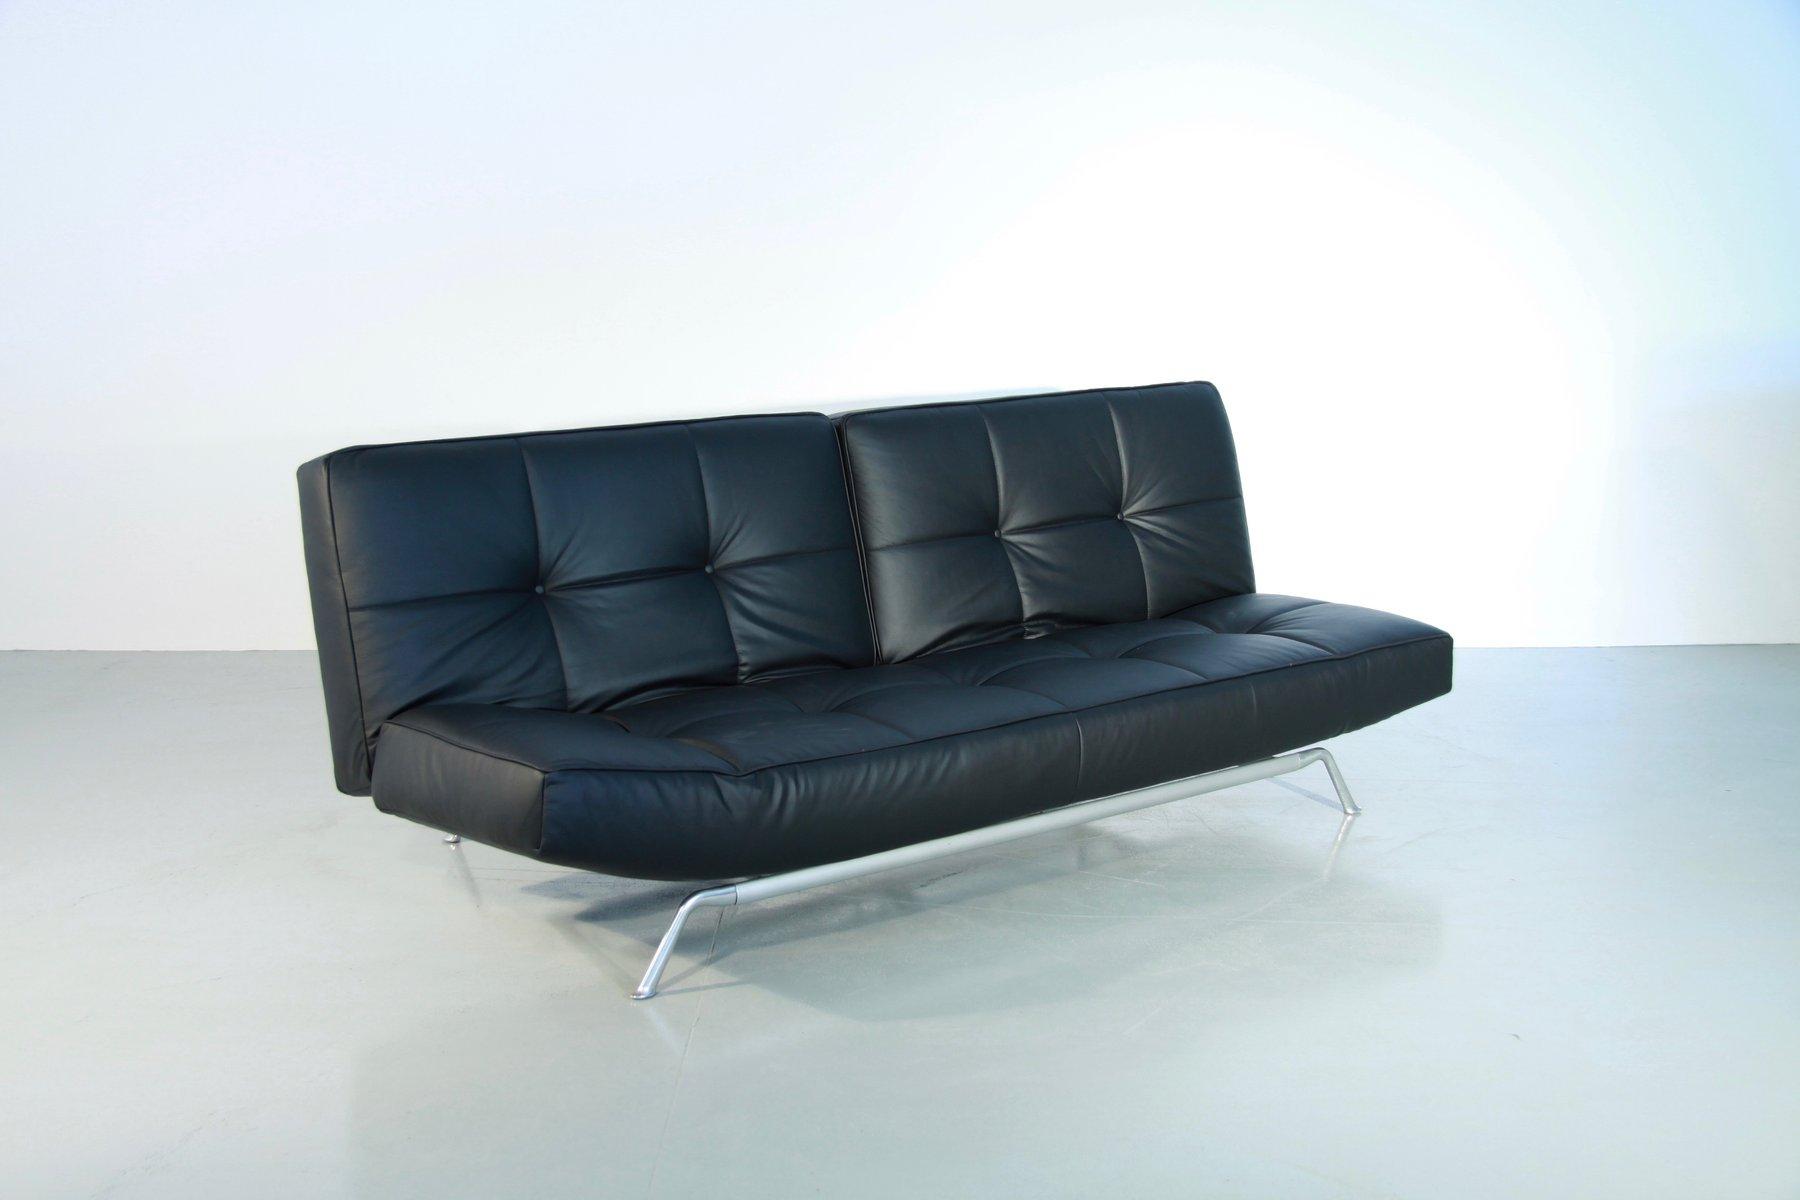 canap lit vintage smala noir en cuir ajustable par pascal mourgue pour ligne roset en vente sur. Black Bedroom Furniture Sets. Home Design Ideas